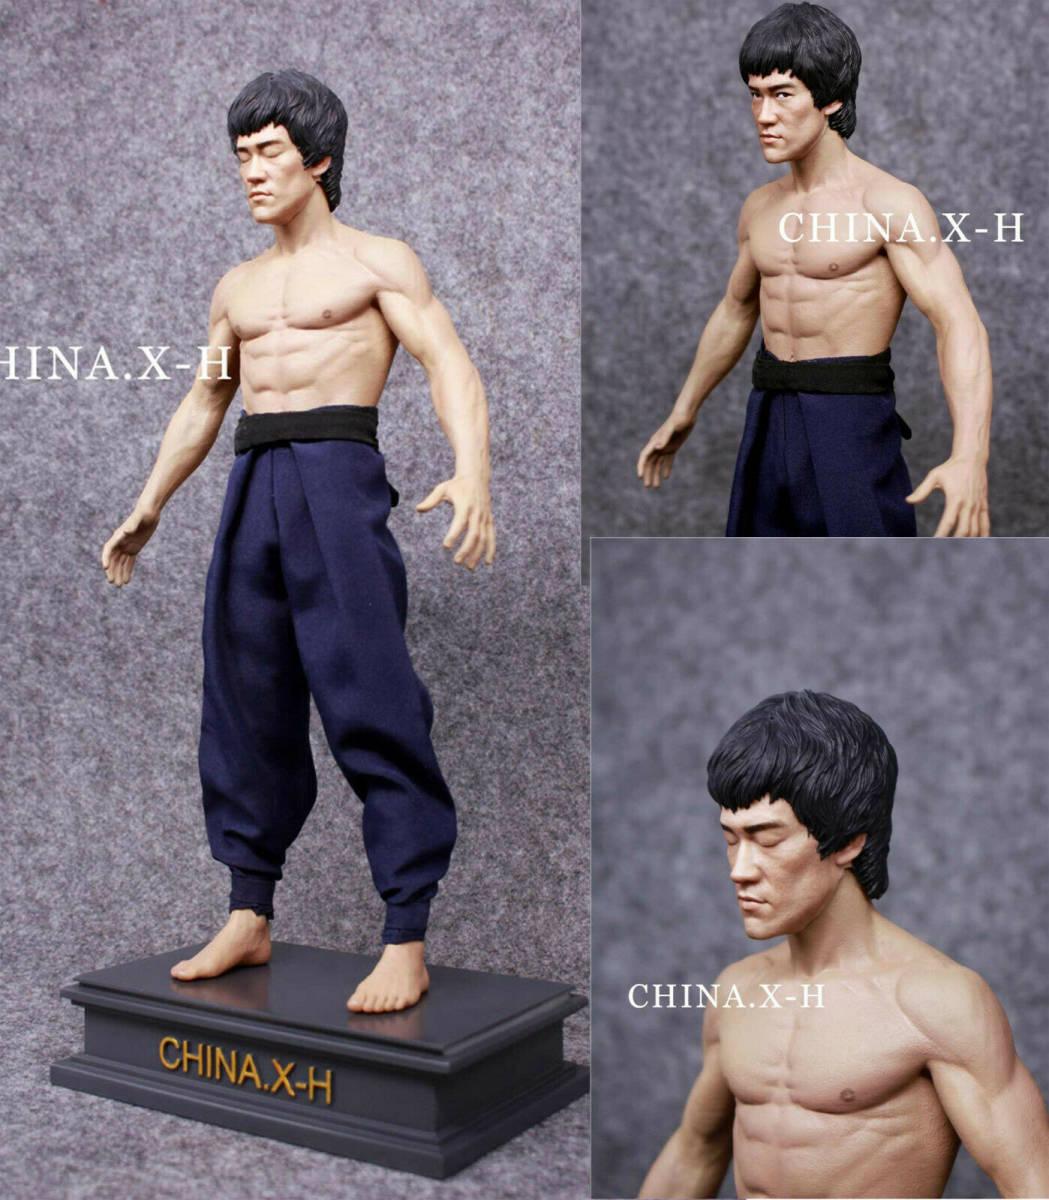 海外 限定 送料込み ブルース・リー CHINA.X-H Bruce Lee The Return of The Kung Fu Master Statue Figure Limited 750フィギュア _画像2